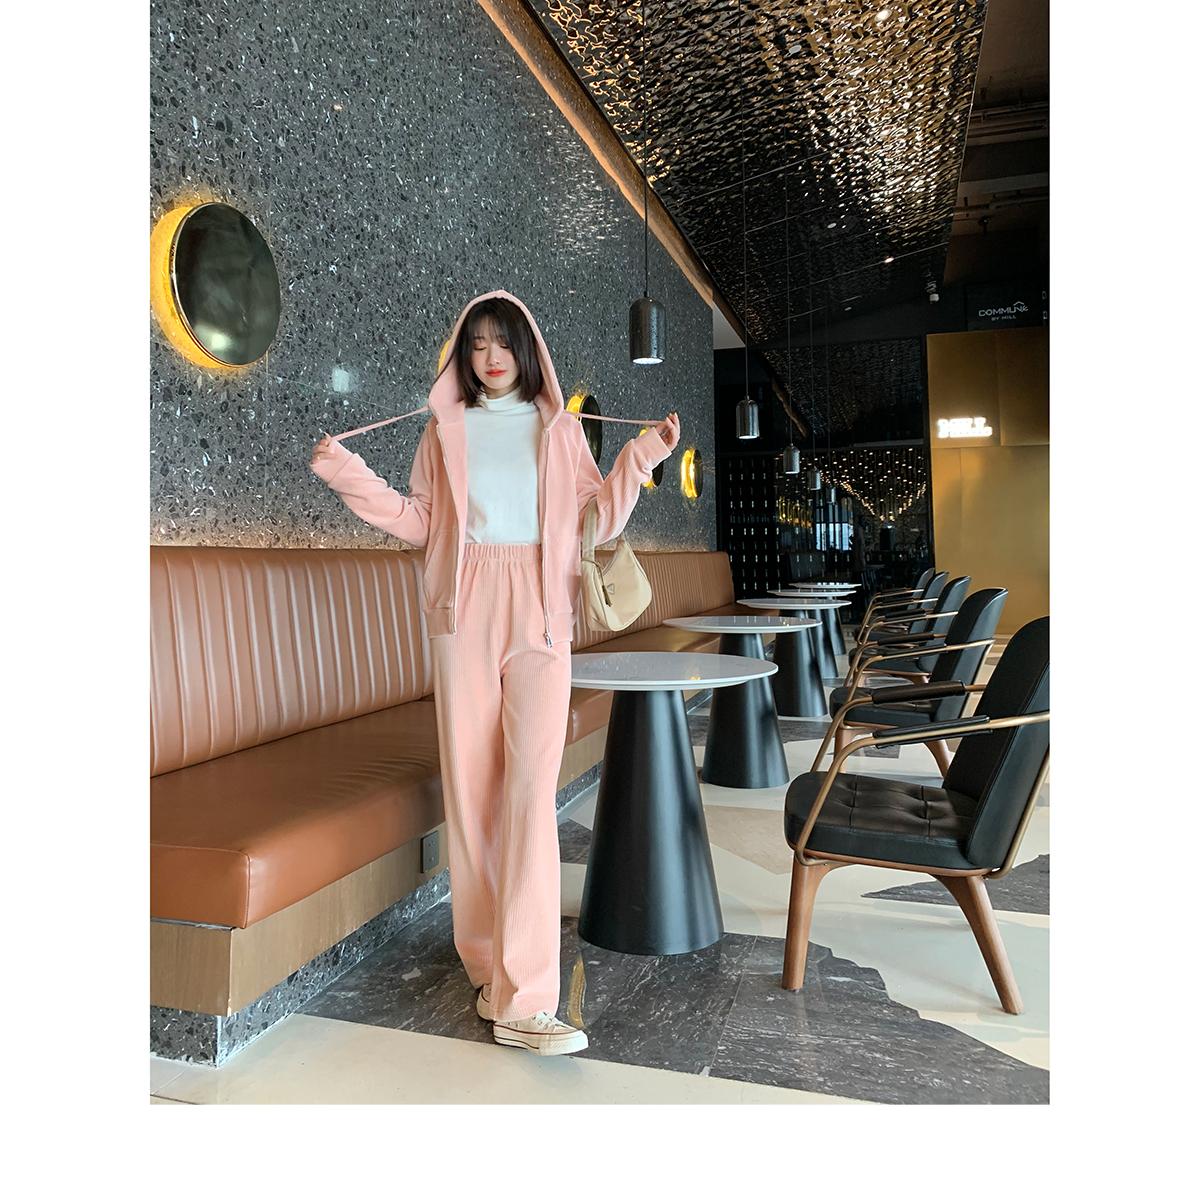 李大米芝芝莓莓套装粉色条纹卫衣